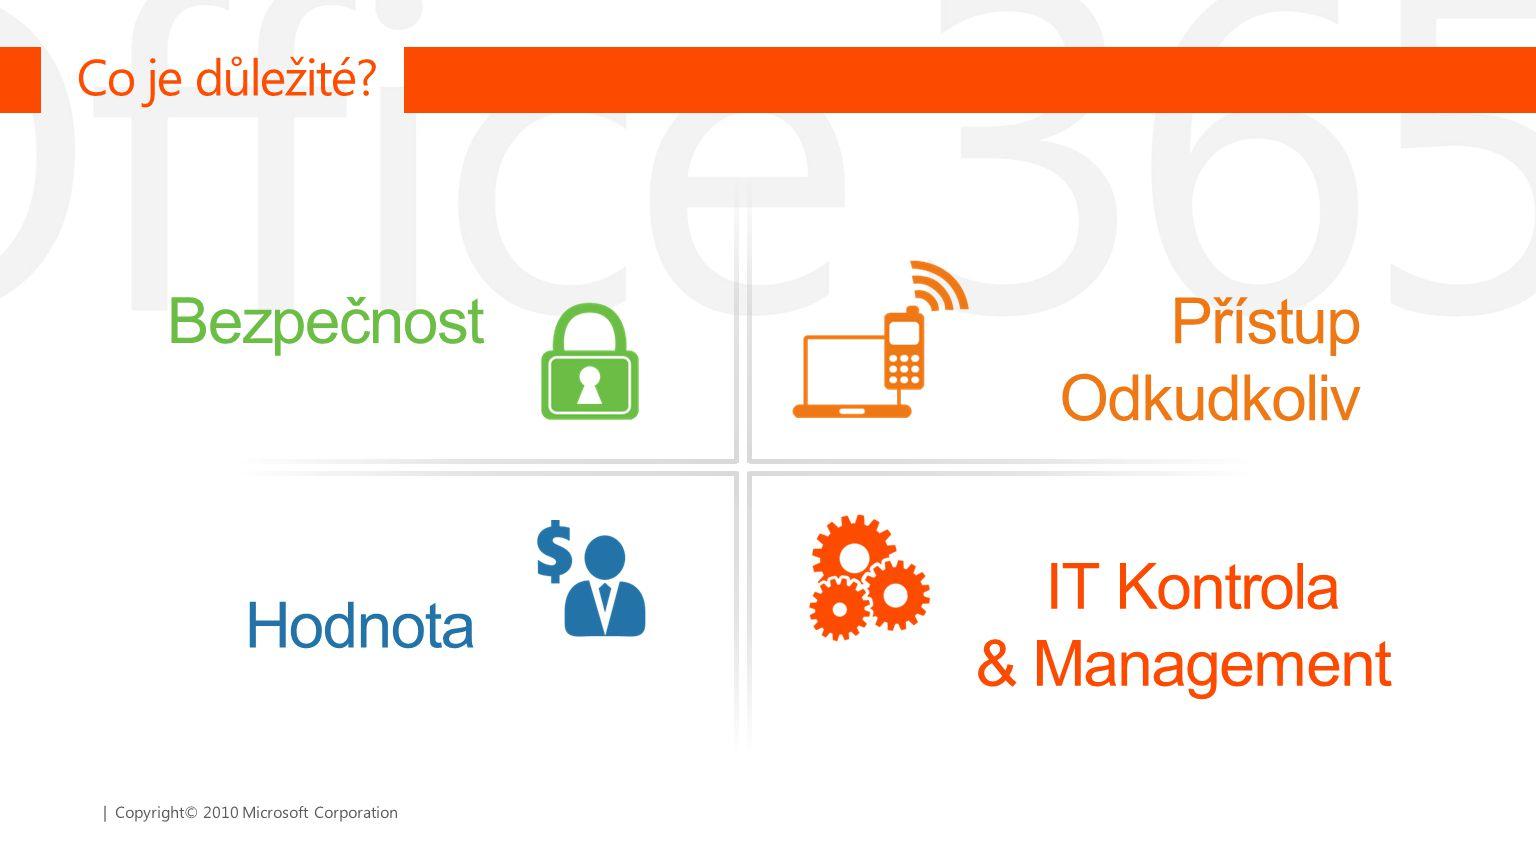 | Copyright© 2010 Microsoft Corporation Co je důležité? IT Kontrola & Management Hodnota Přístup Odkudkoliv Bezpečnost